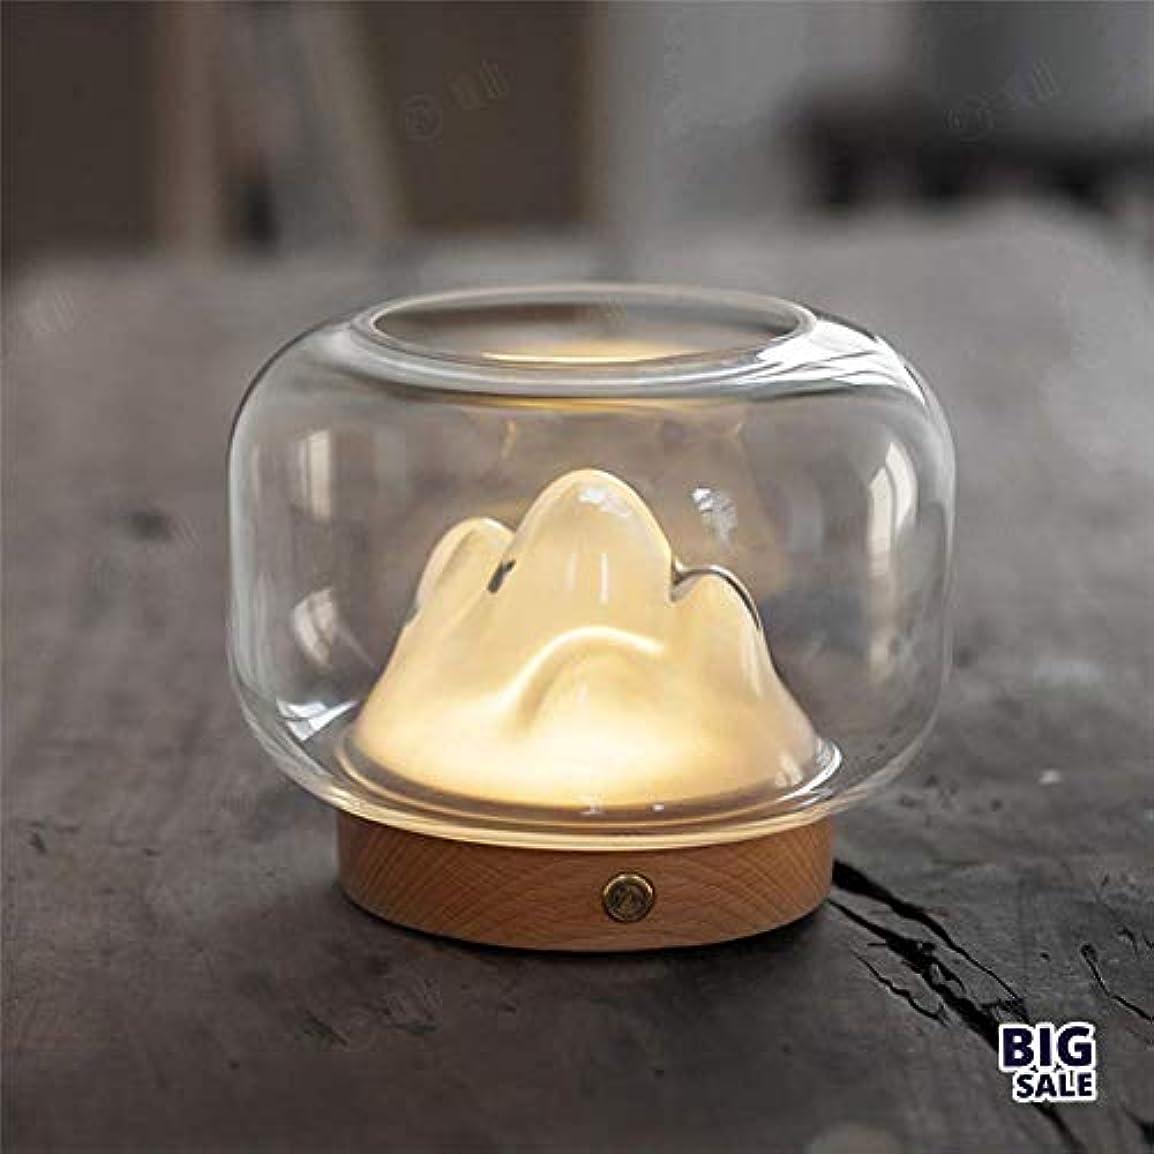 悪魔振幅談話NICEE暖かい光の夜の光-USB充電暖かい山は魚の夜の光を上げることができます、ガラスの夜の光のギフトNICEY